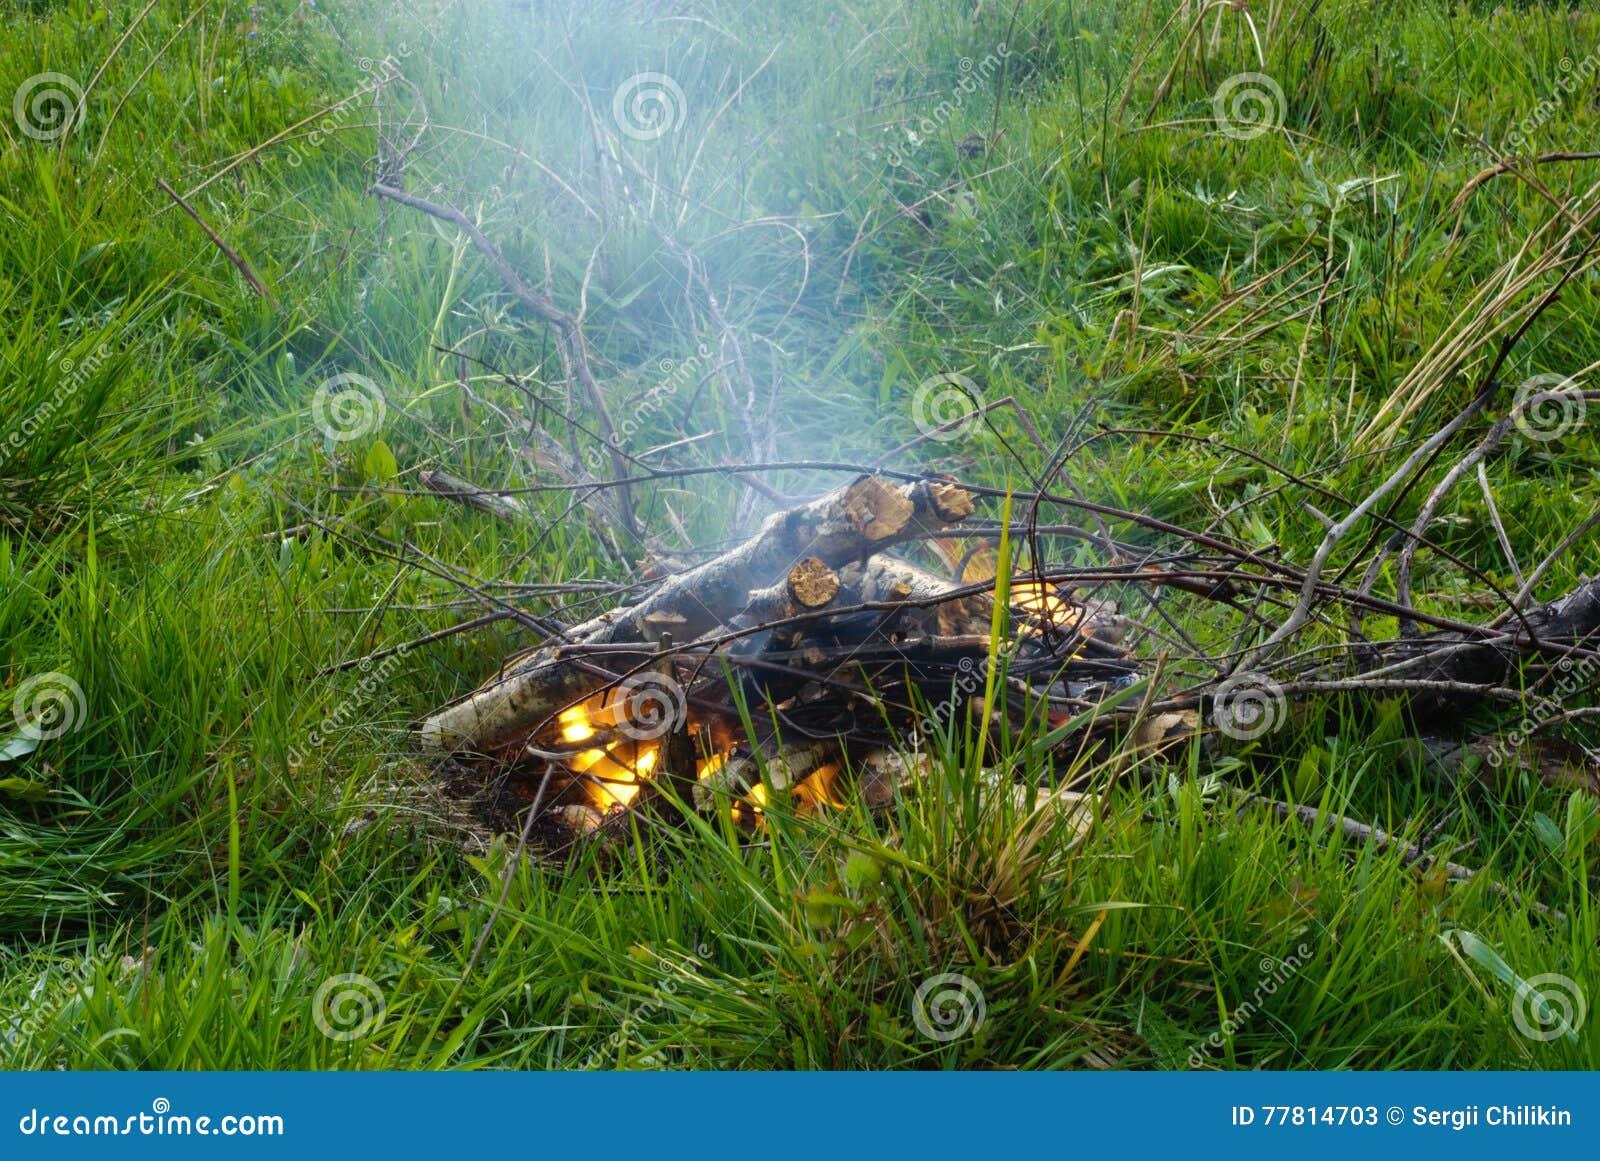 Bonfire Grama verde Parada na caminhada Fumo da fogueira